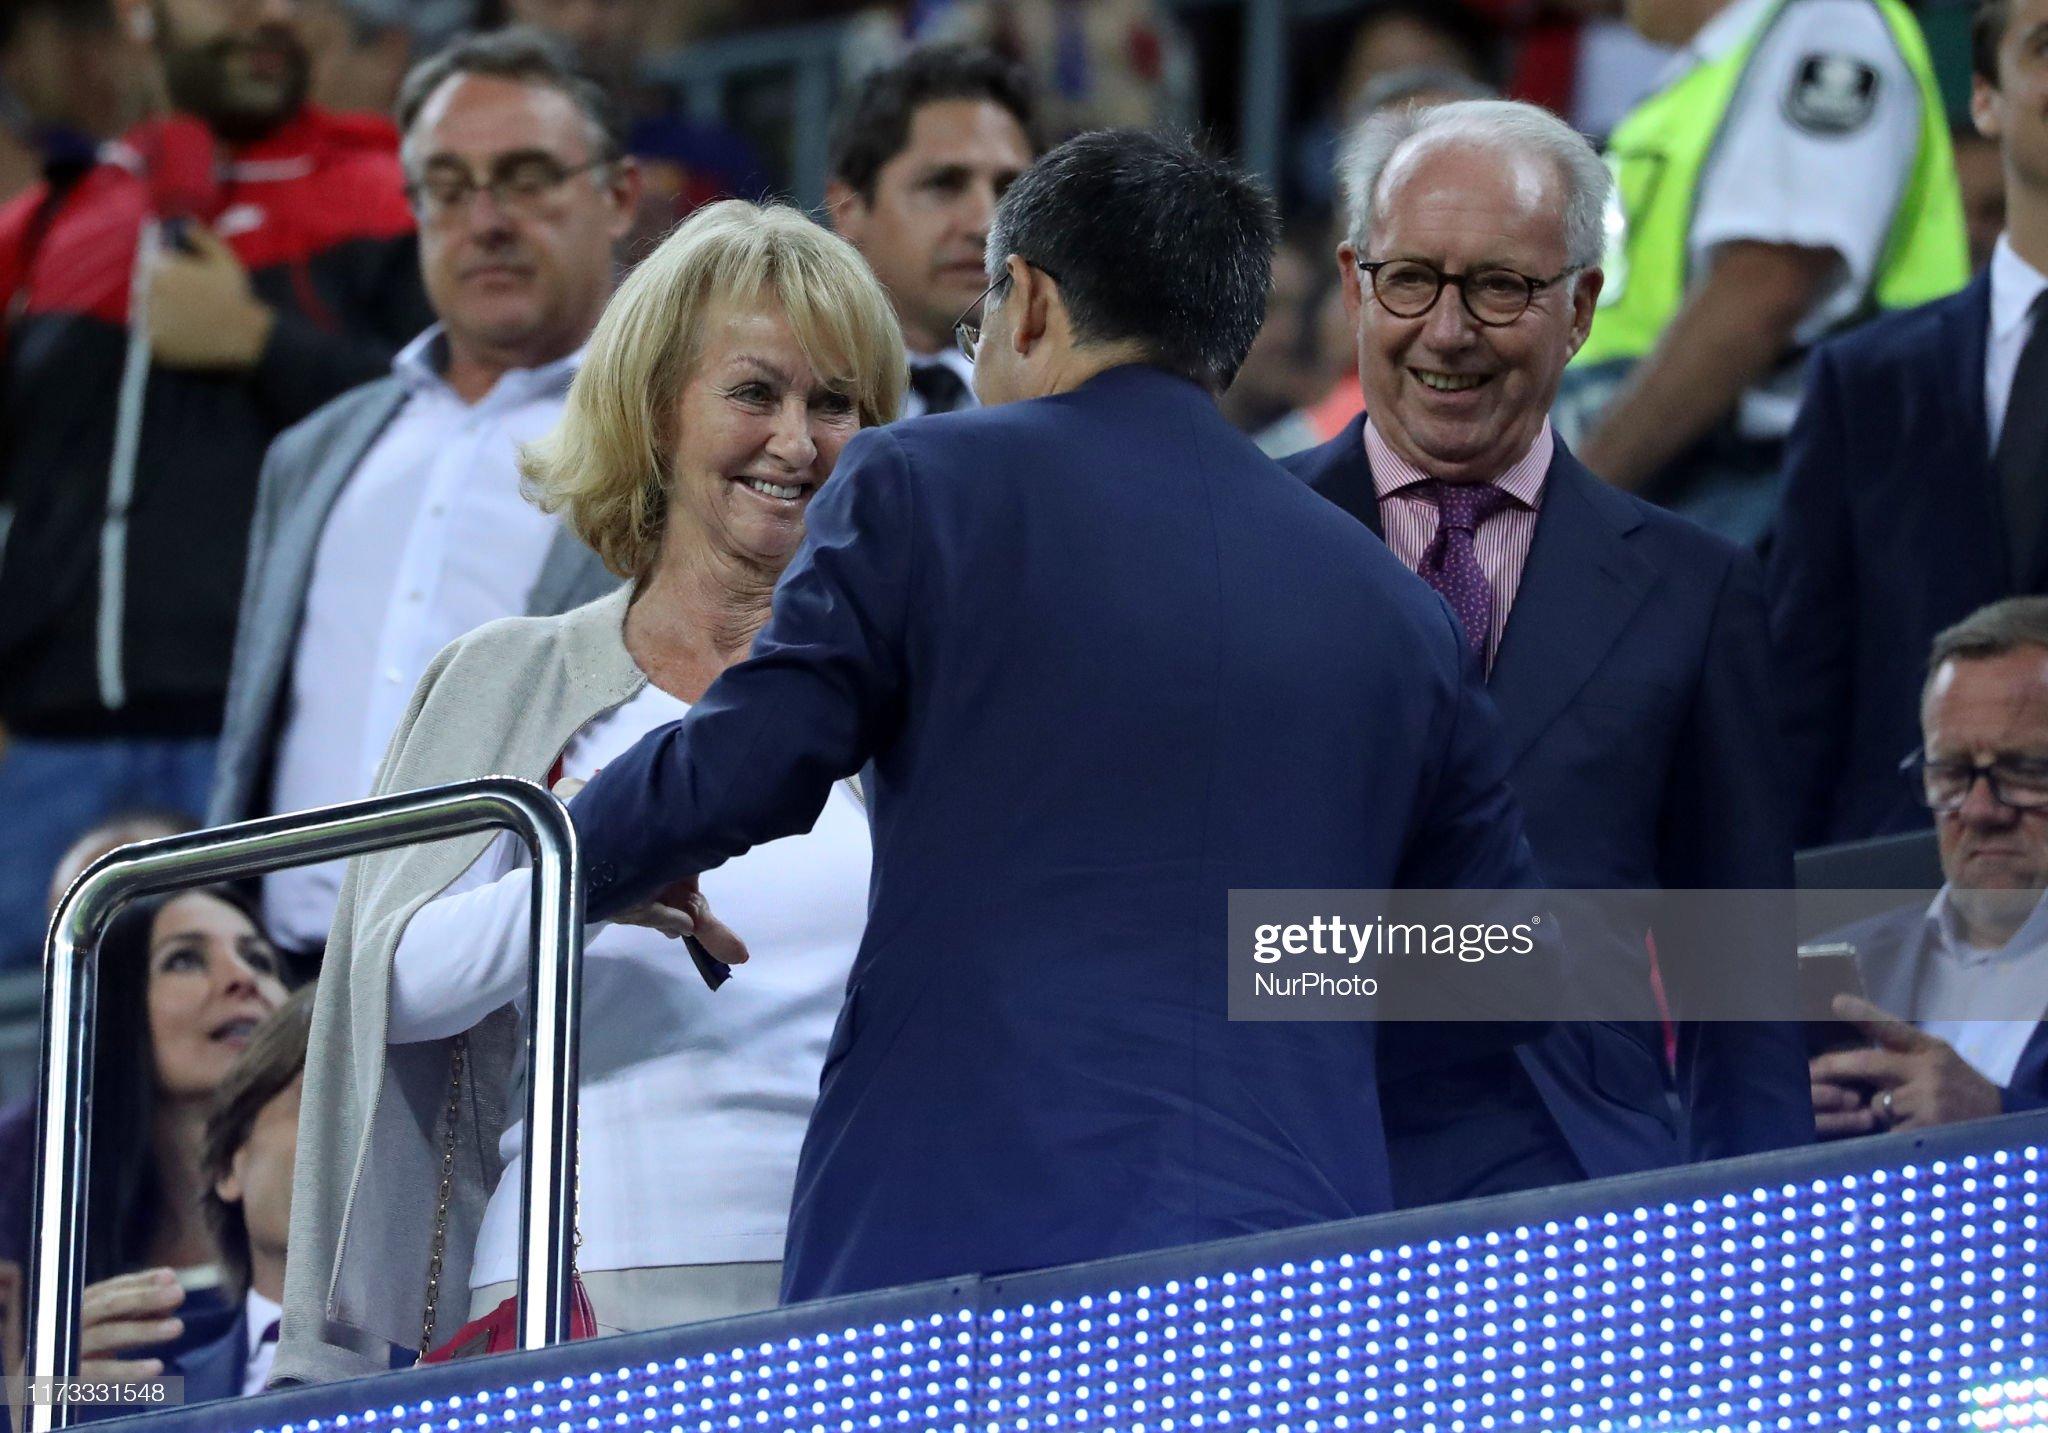 صور مباراة : برشلونة - إنتر 2-1 ( 02-10-2019 )  Danny-cruyff-and-josep-maria-bartomeu-during-the-match-between-fc-picture-id1173331548?s=2048x2048